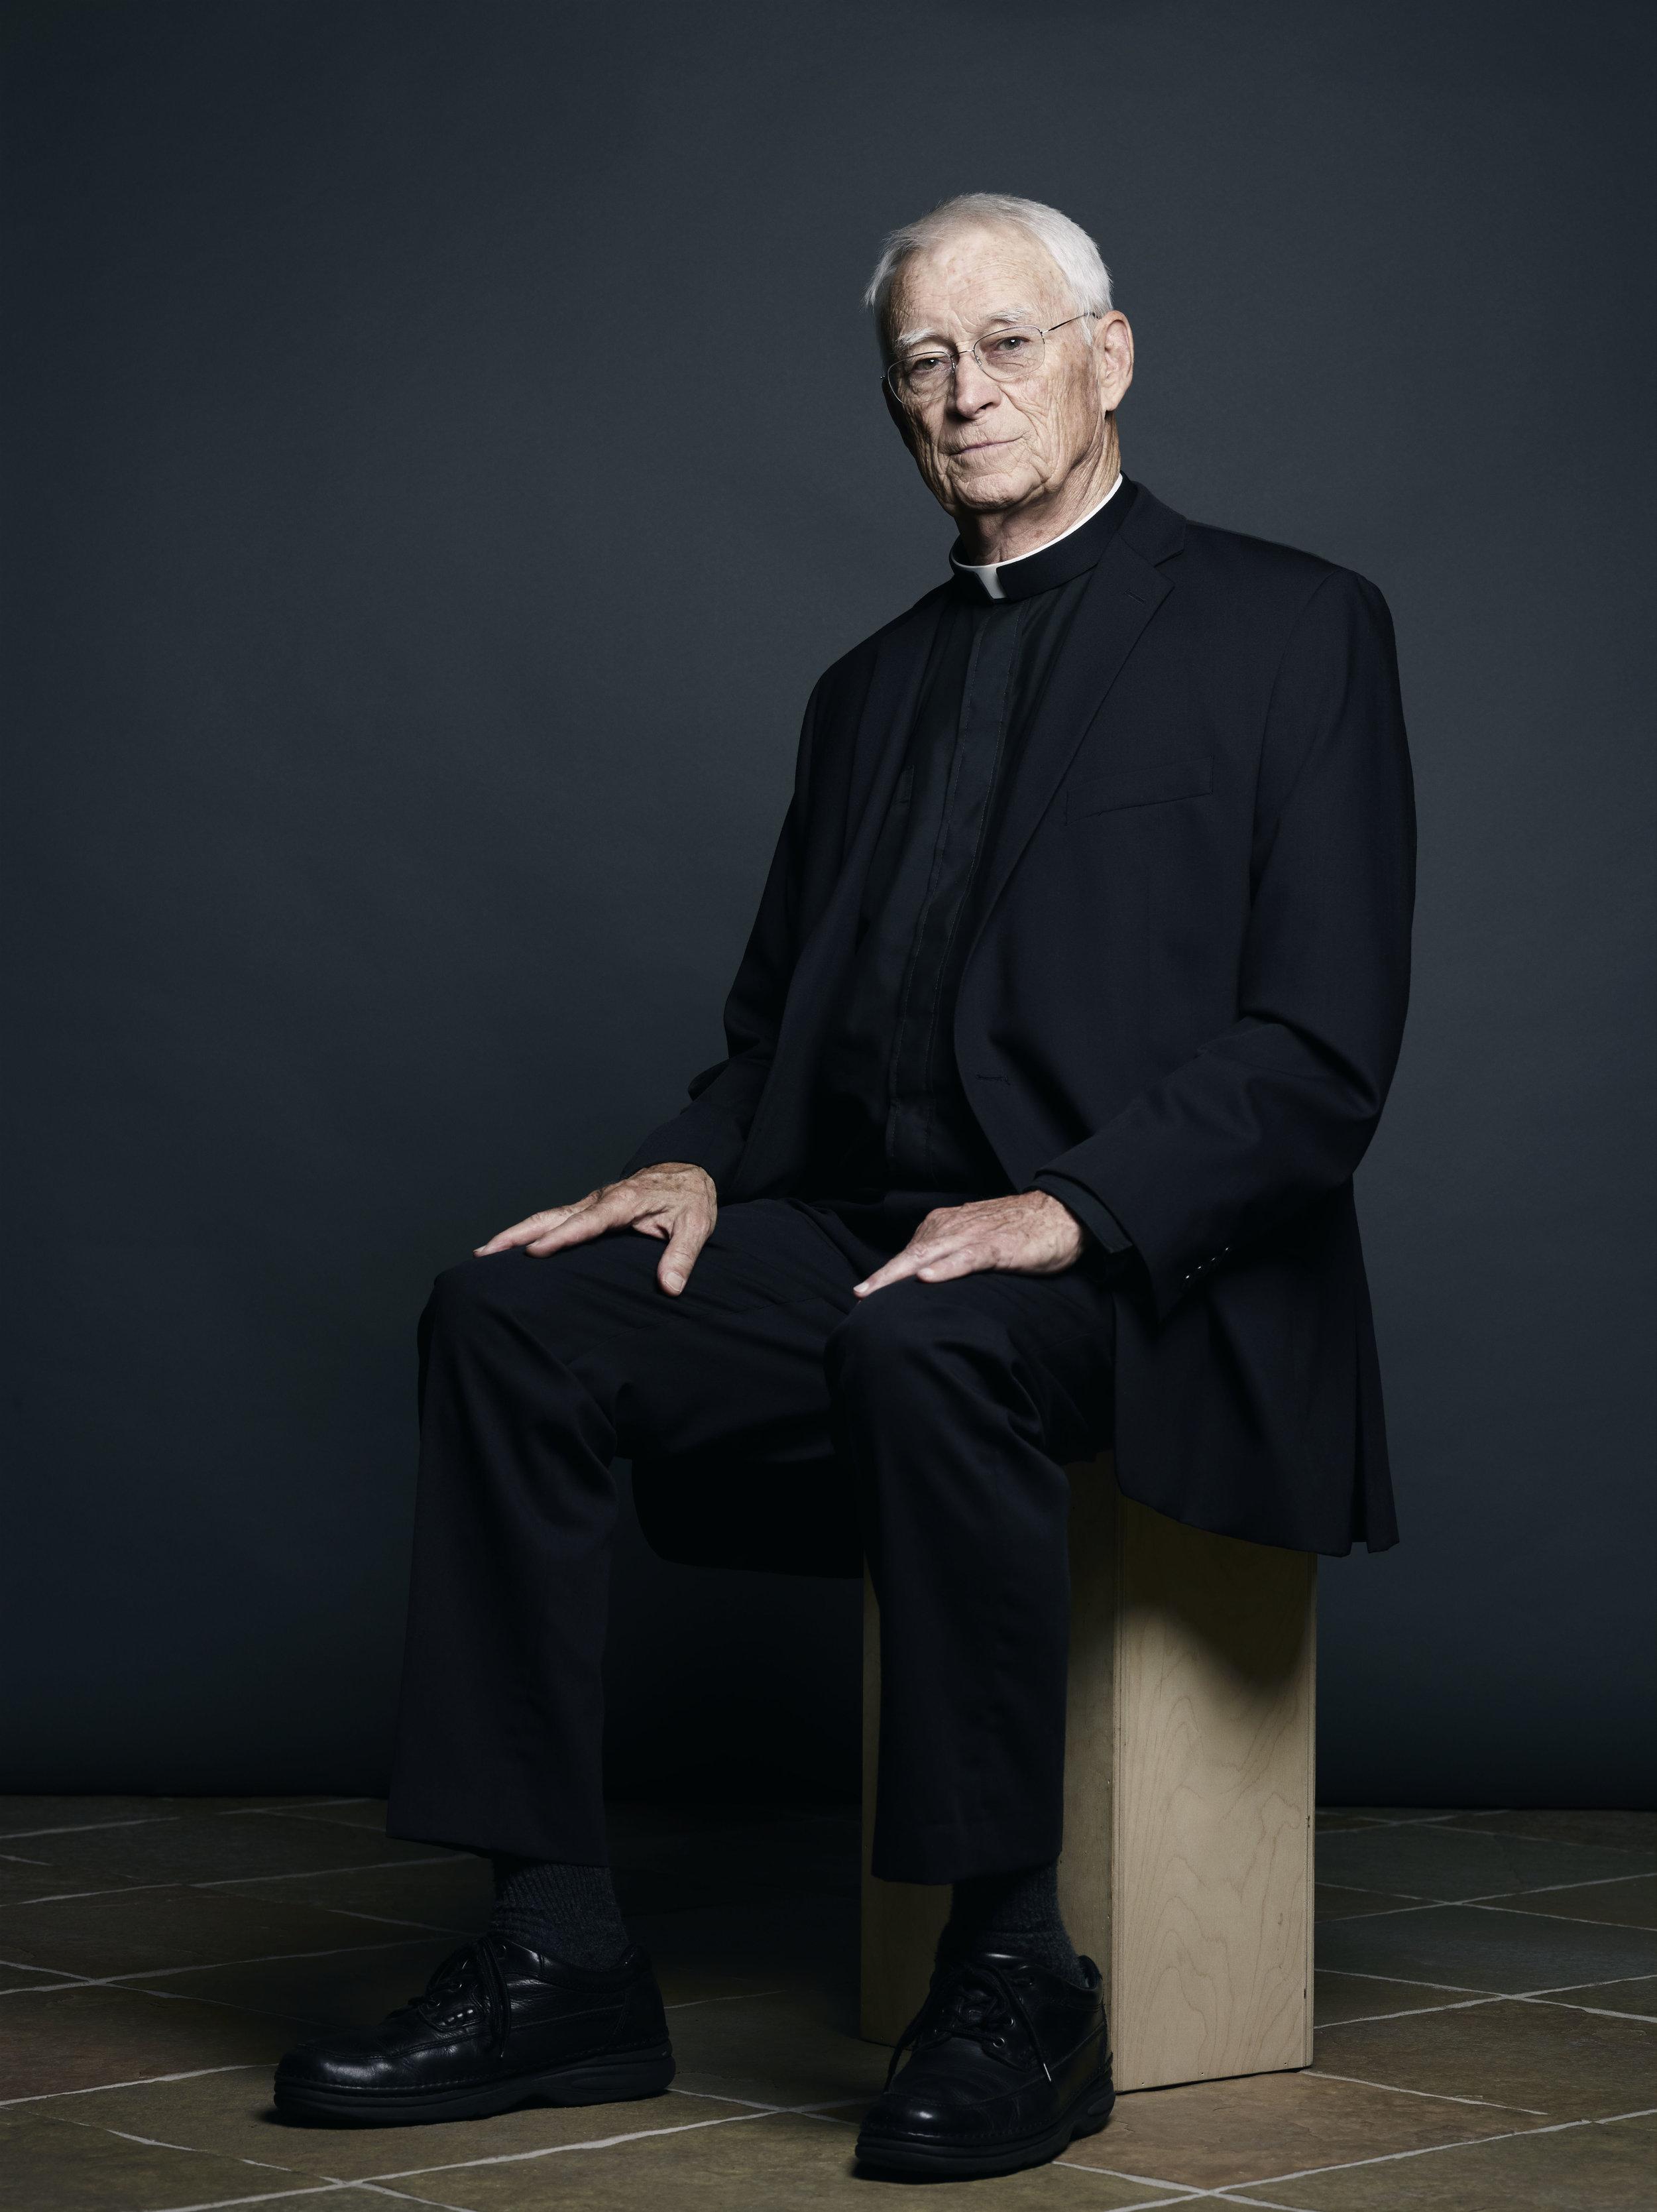 Rev. Thomas Rausch, S.J. (Photo by Chris Yates & Robert Macaisa)